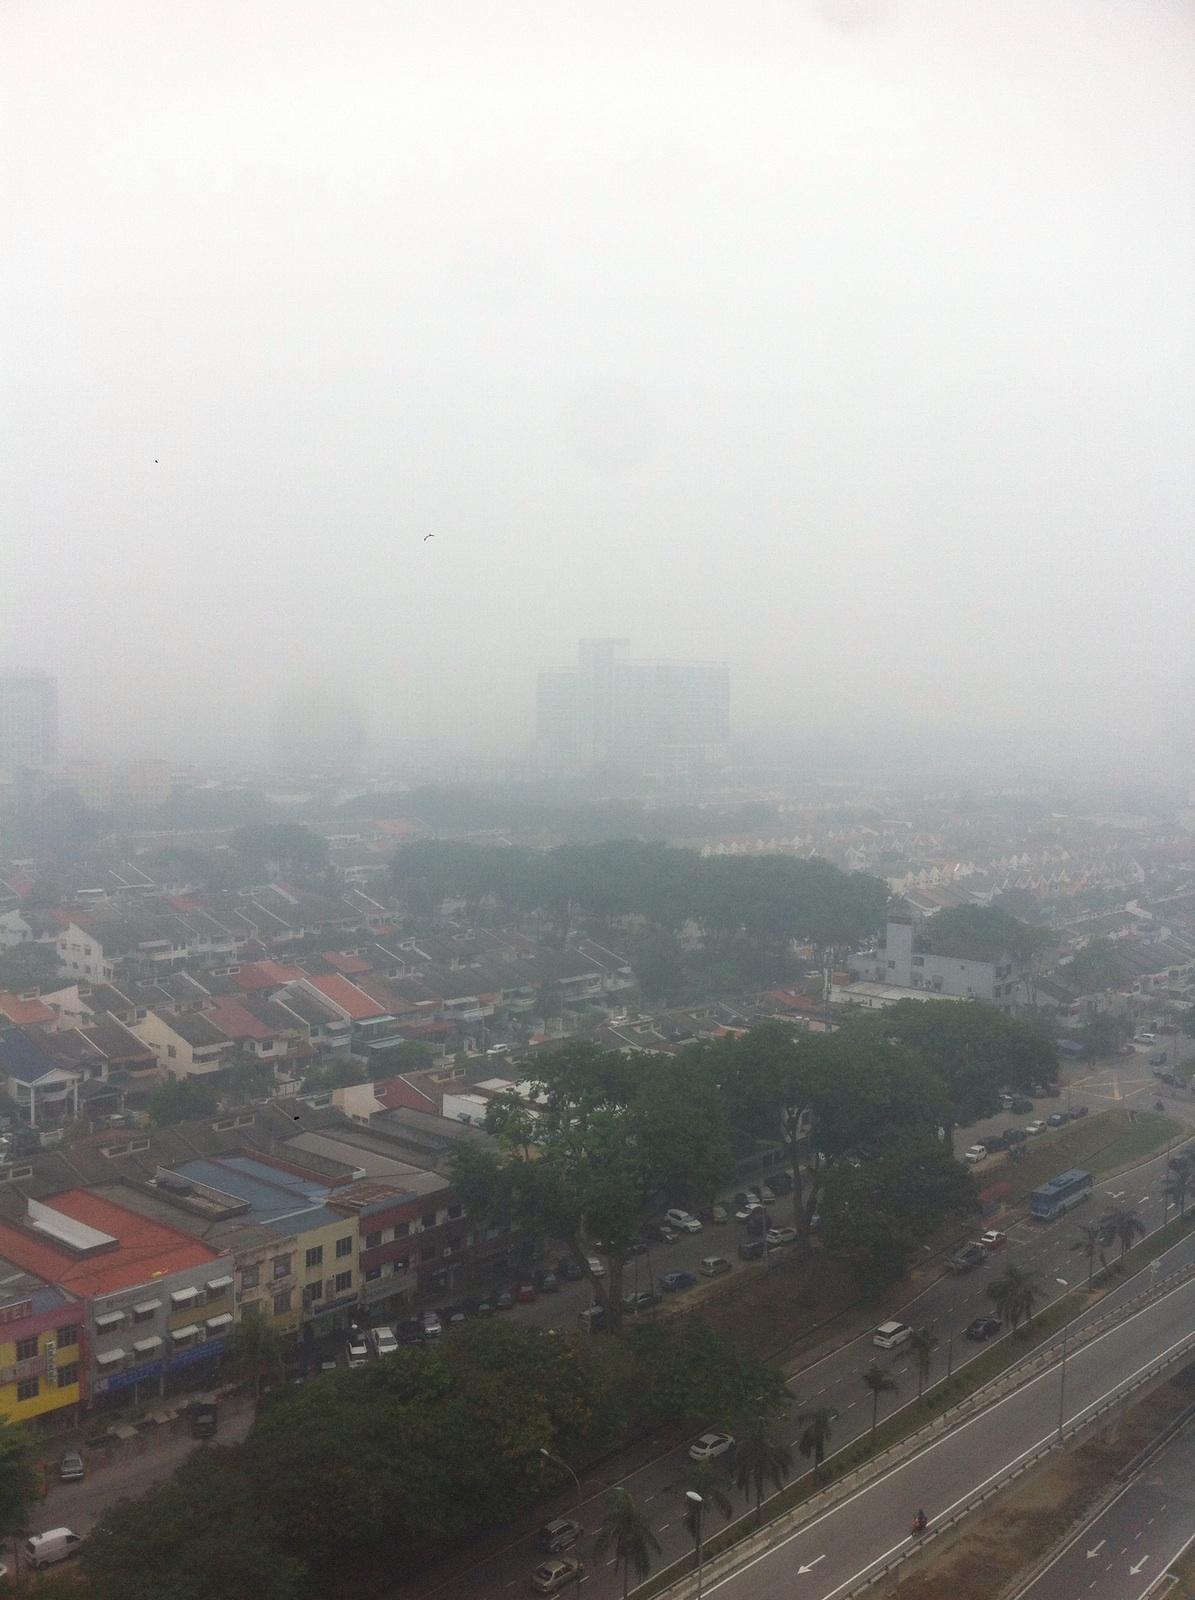 MALAYSIA. Asap di Selangor, Malaysia. Foto: Fajar Anugerah Putra